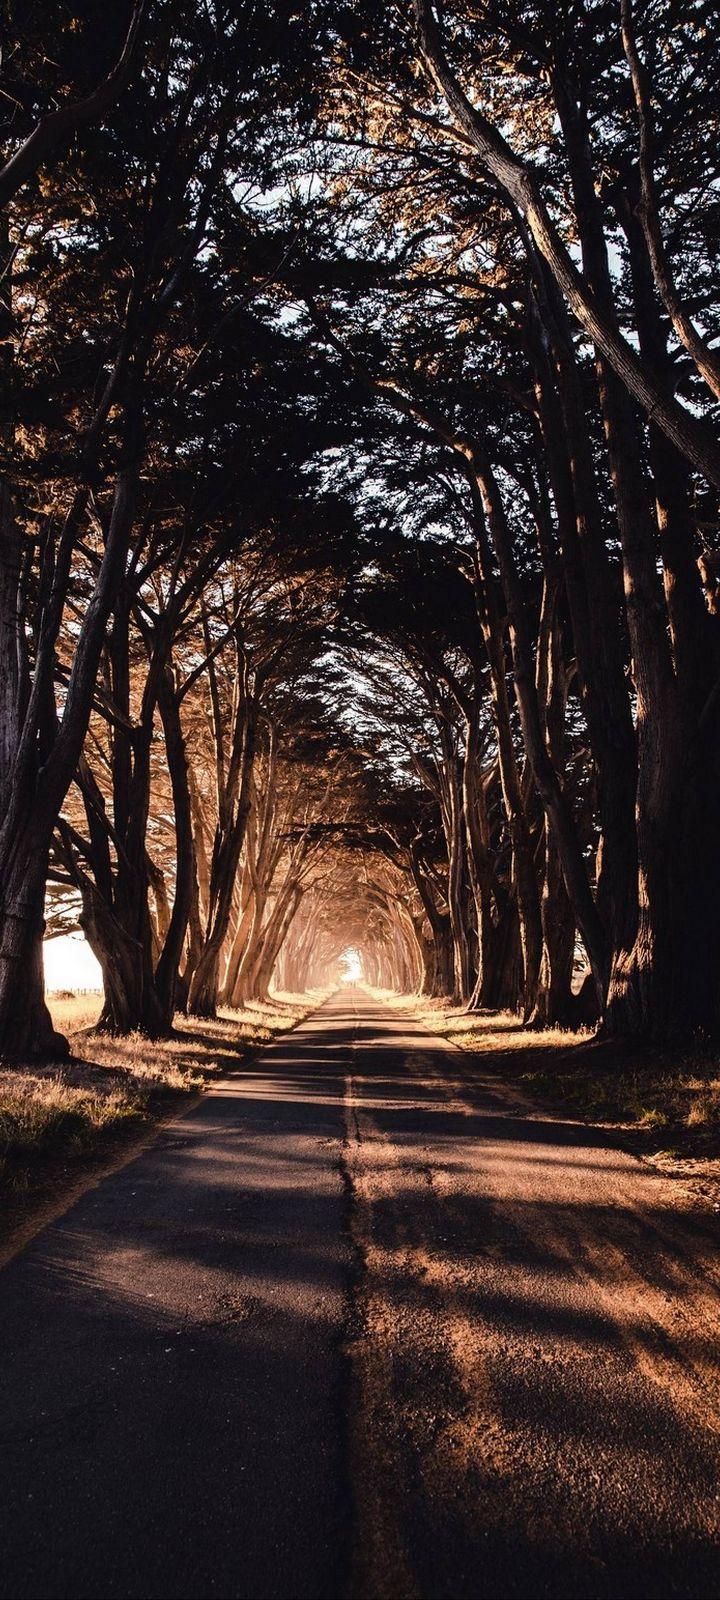 Road Trees Shadow Wallpaper 720x1600